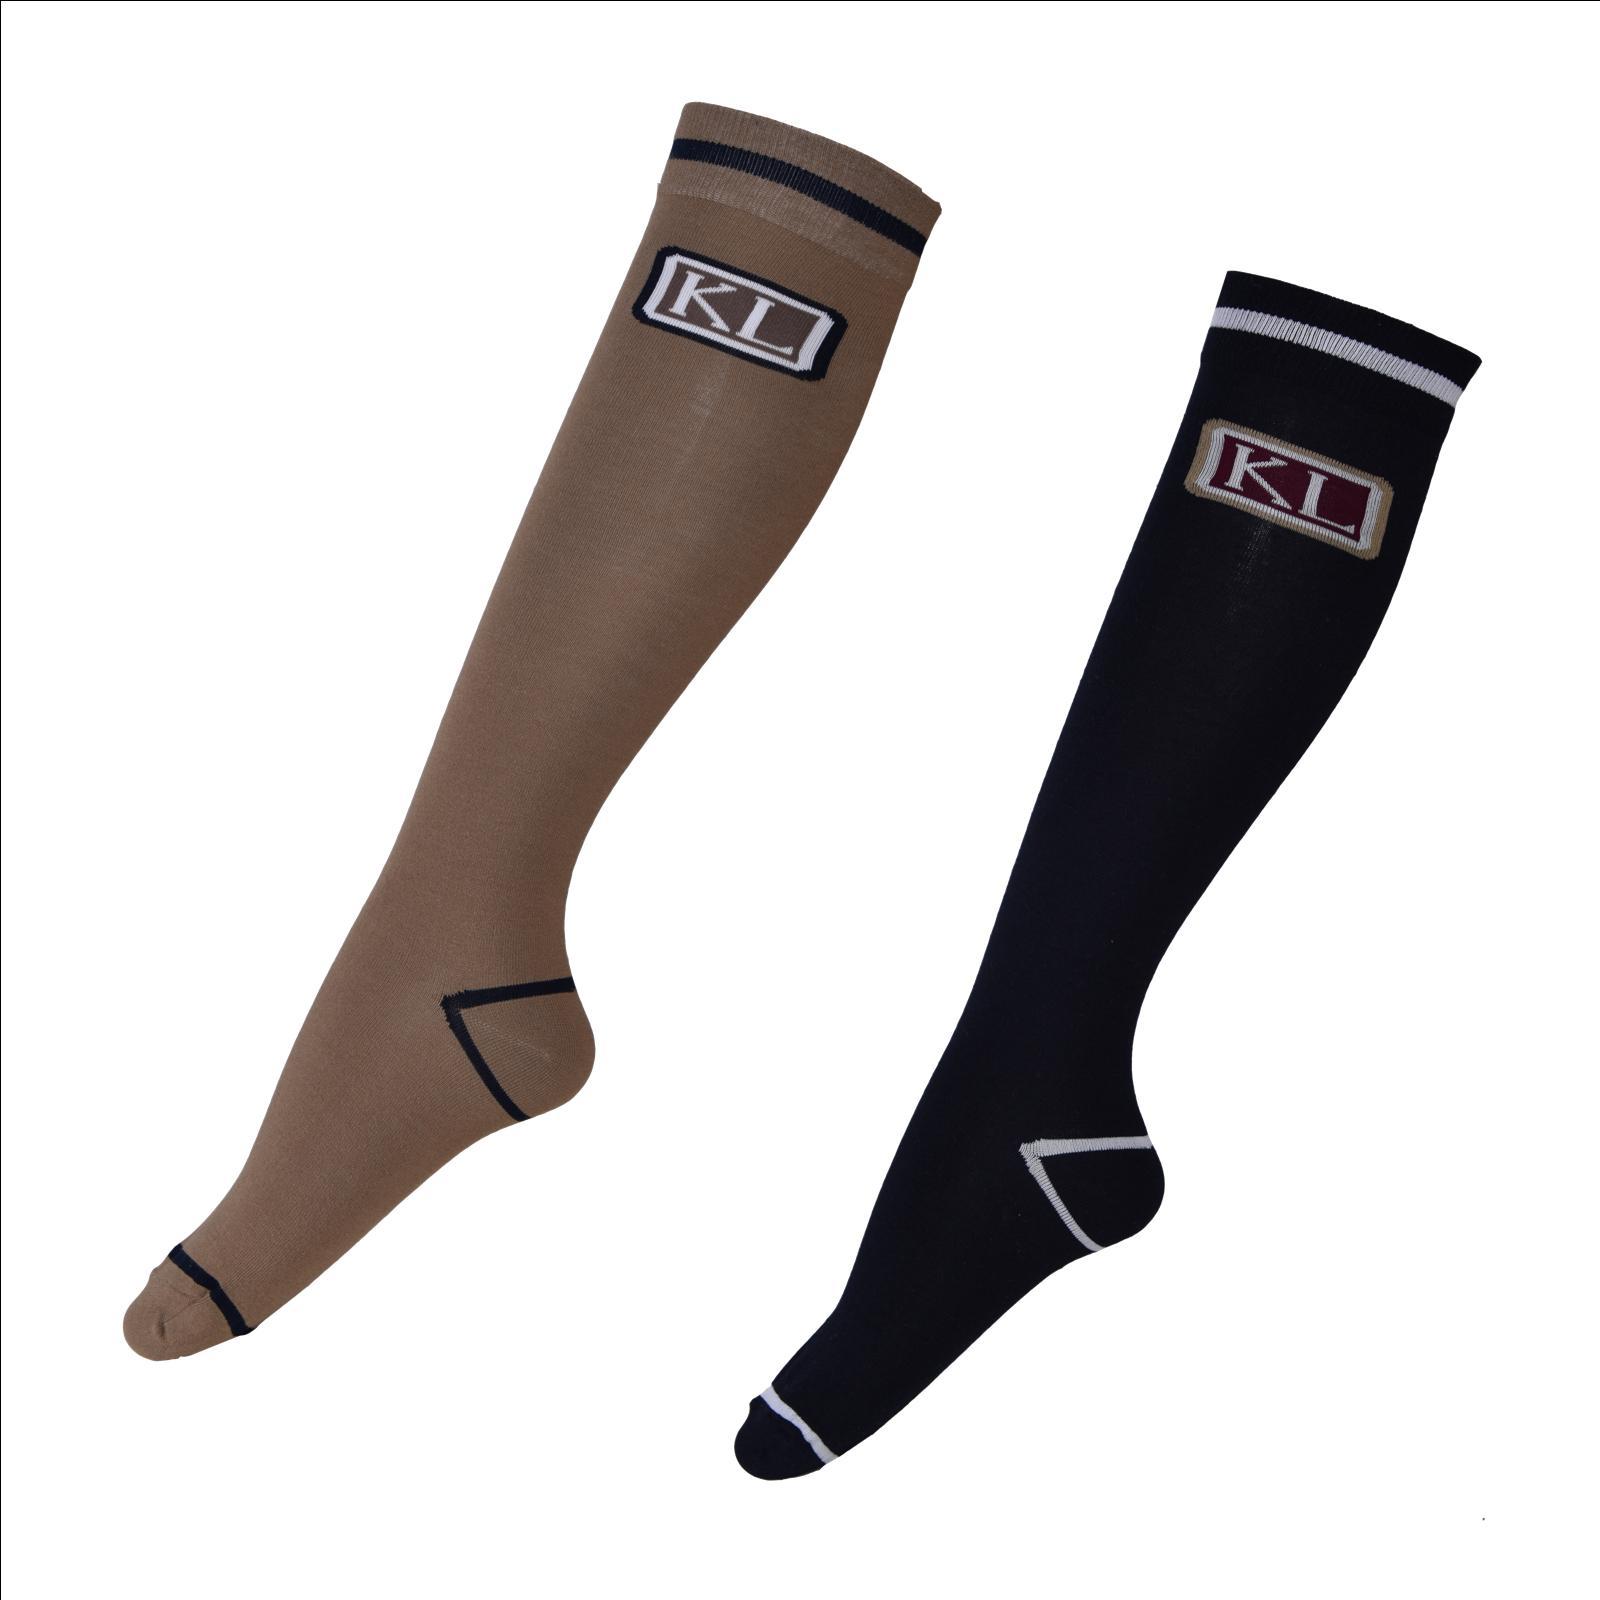 Kingsland Classic Knee Socks Coolmax unisex